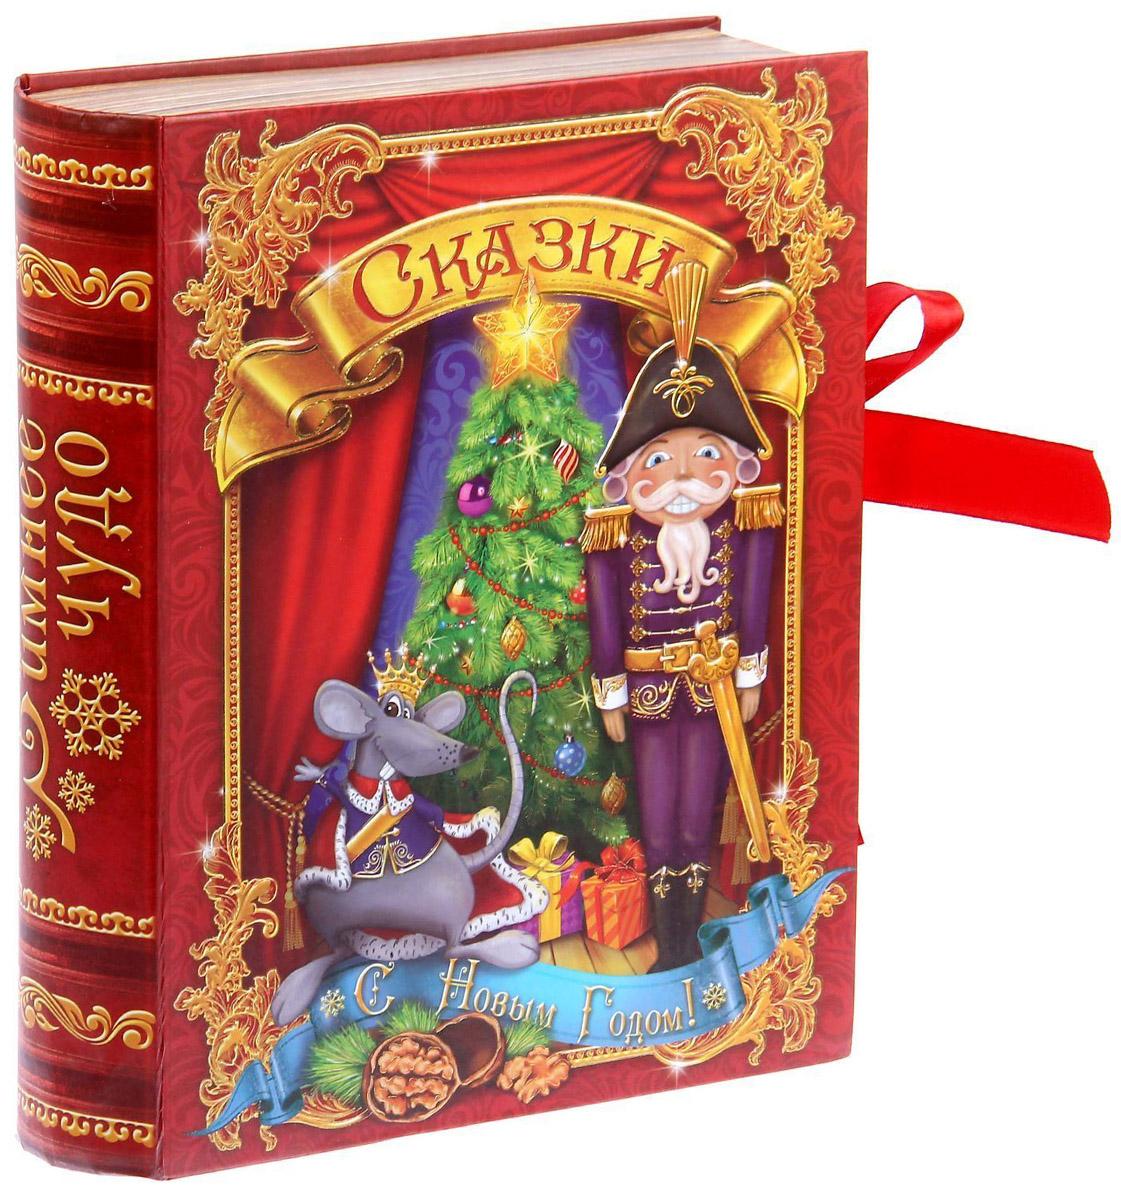 Коробка-книга подарочная Sima-land Старые сказки, 17 х 22 см1070793Любой подарок начинается с упаковки. Что может быть трогательнее и волшебнее, чем ритуал разворачивания полученного презента. И именно оригинальная, со вкусом выбранная упаковка выделит ваш подарок из массы других. Подарочная коробка-книга Sima-land продемонстрирует самые теплые чувства к виновнику торжества и создаст сказочную атмосферу праздника.